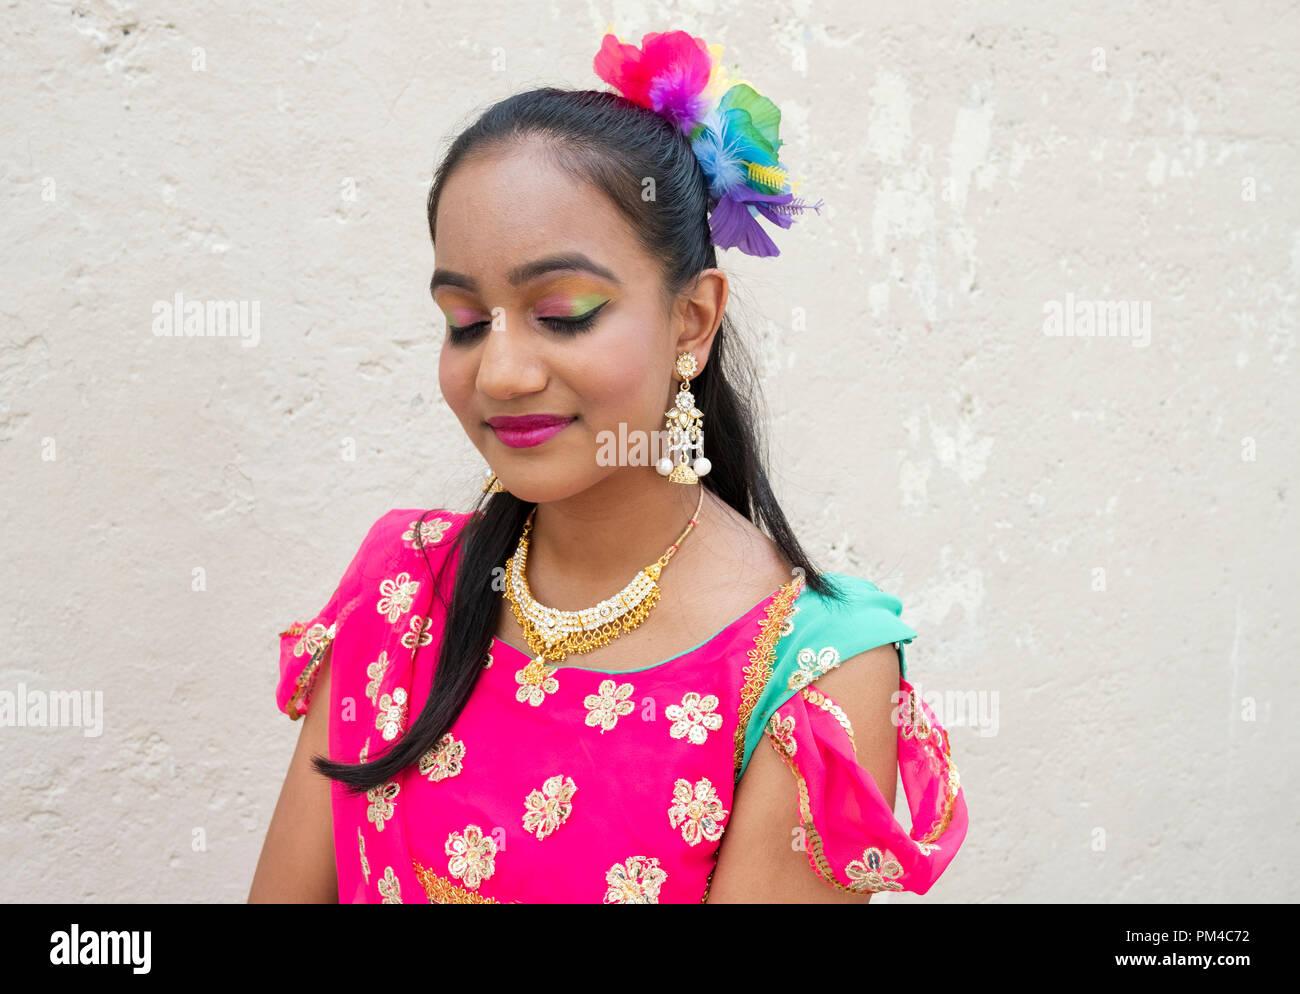 Nahaufnahme einer hübschen Hindu Jugendlicher in einem tanzenden Kostüm zeigt ihre bunten multi-ton Eyeliner. Bei der jährlichen Queens Krebs Spaziergang in Richmond Hill. Stockbild